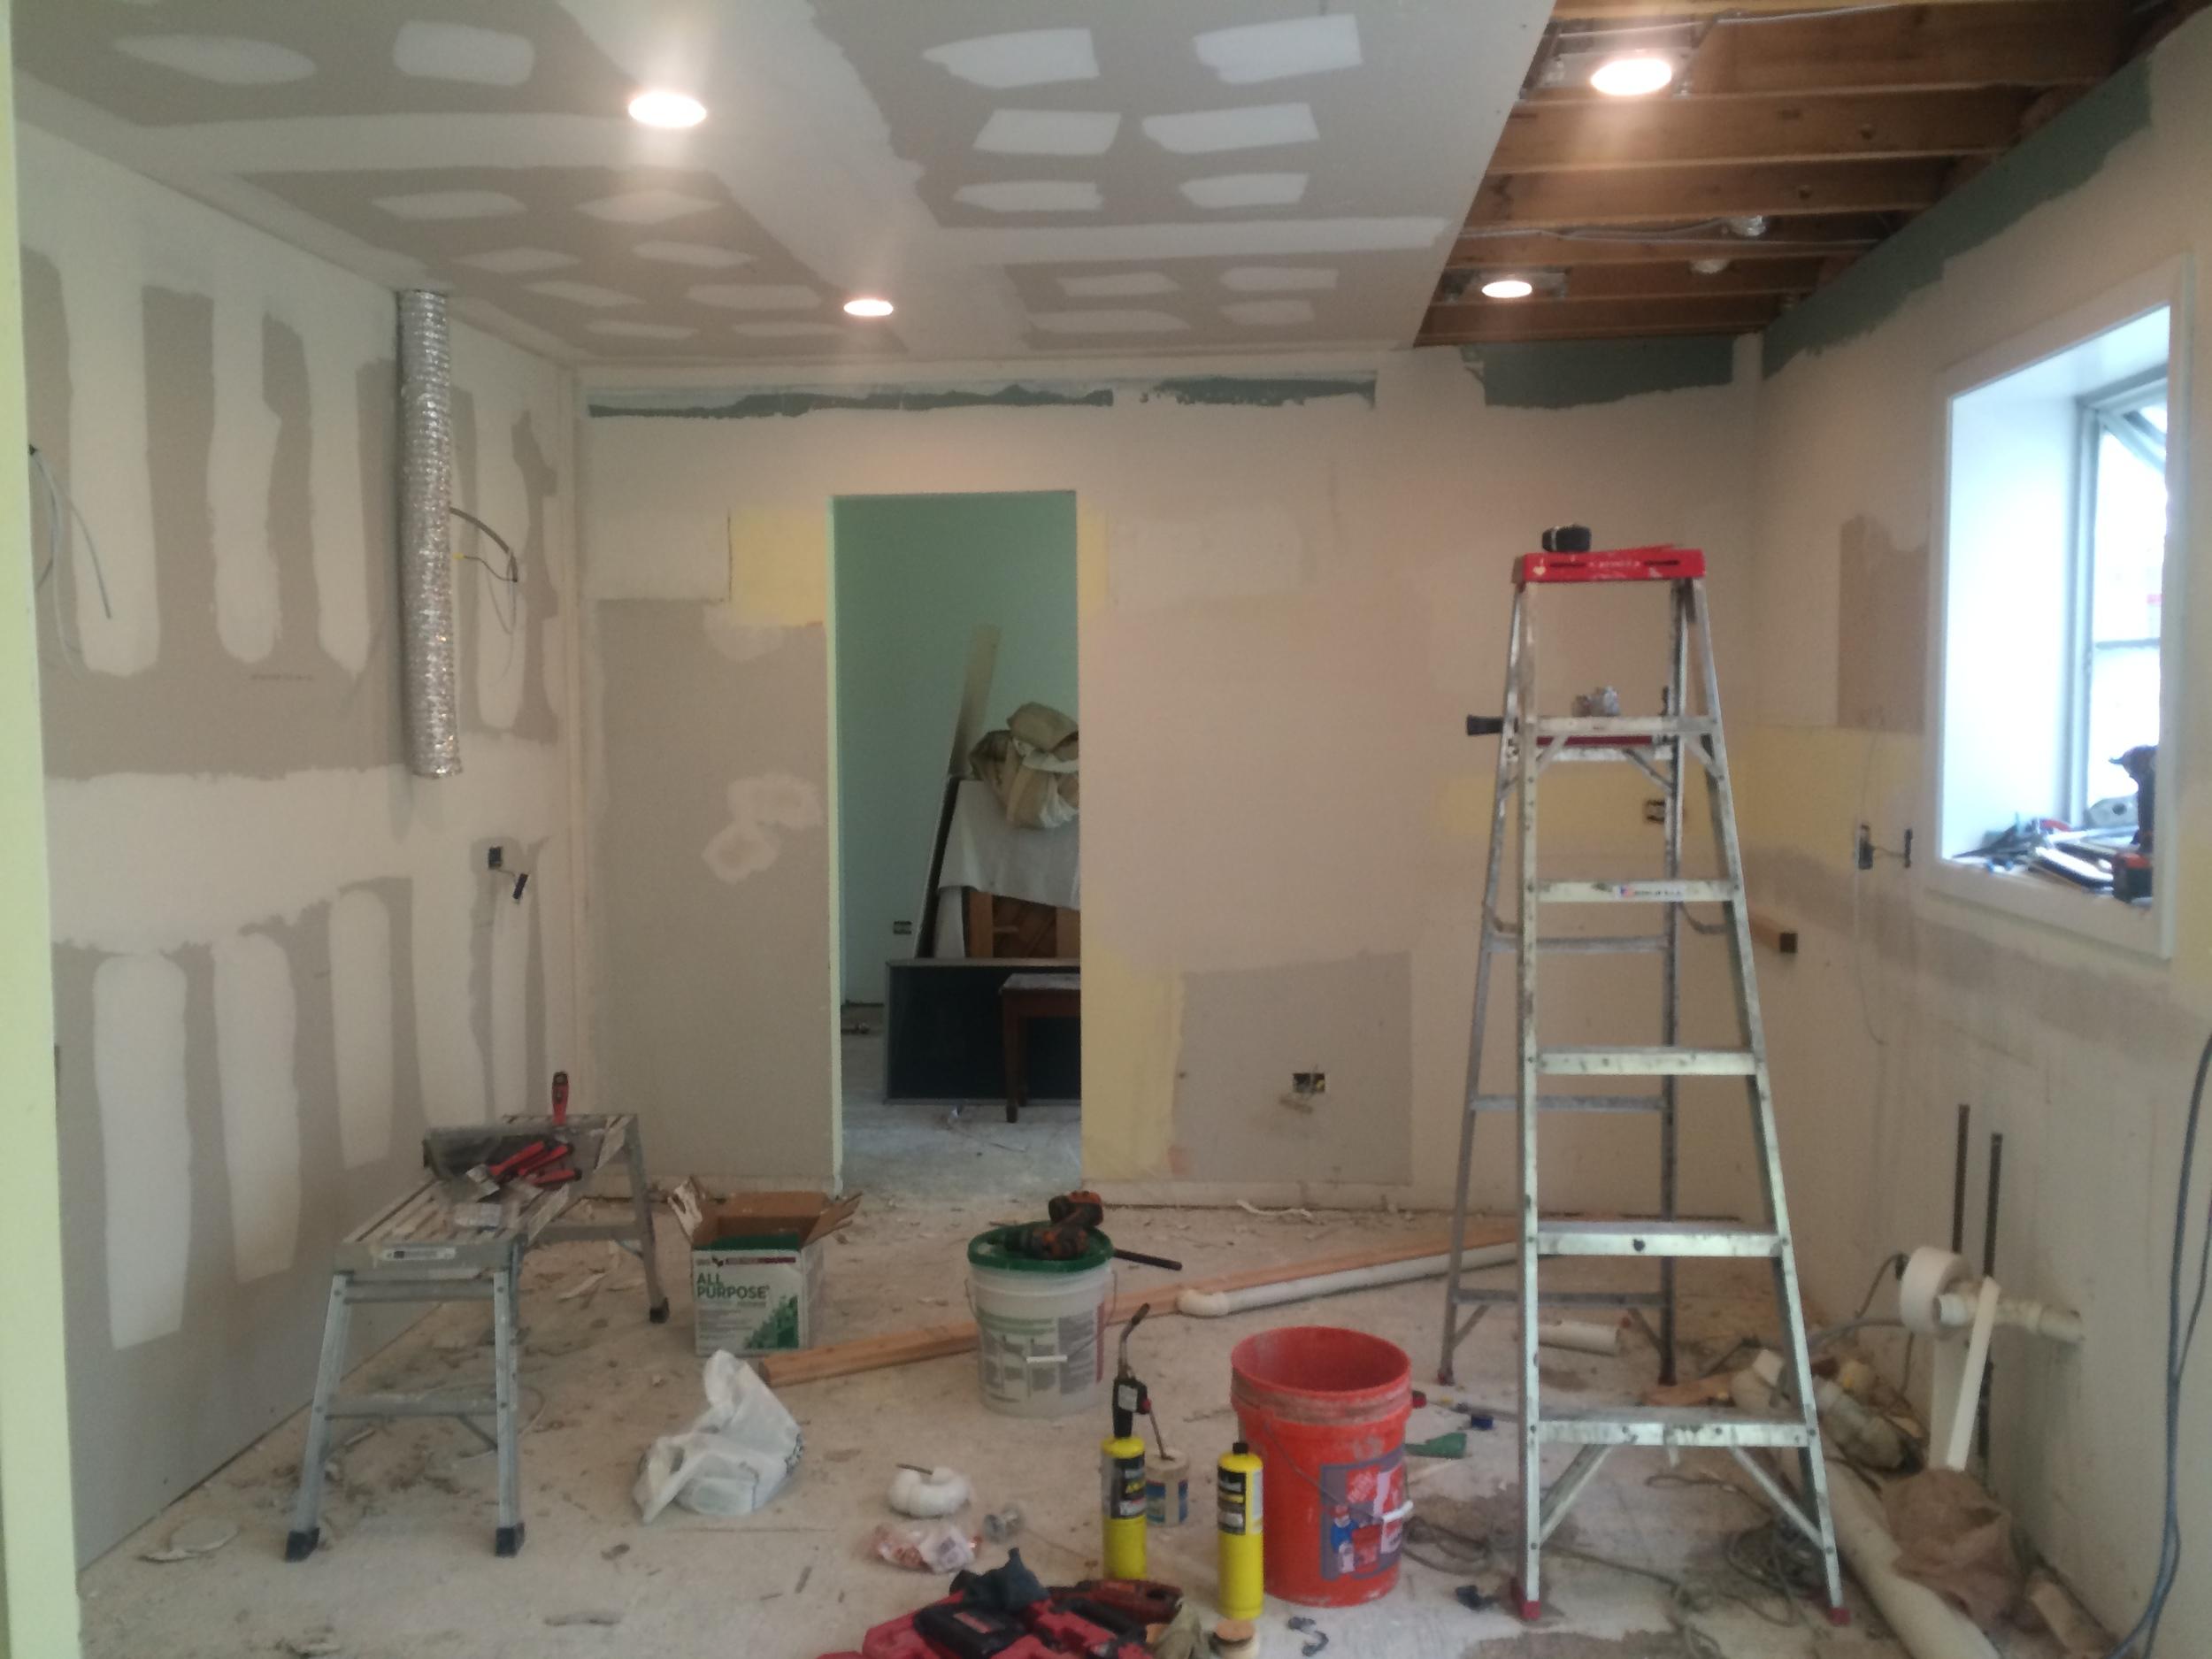 flossmoor kitchen 6 during.jpg